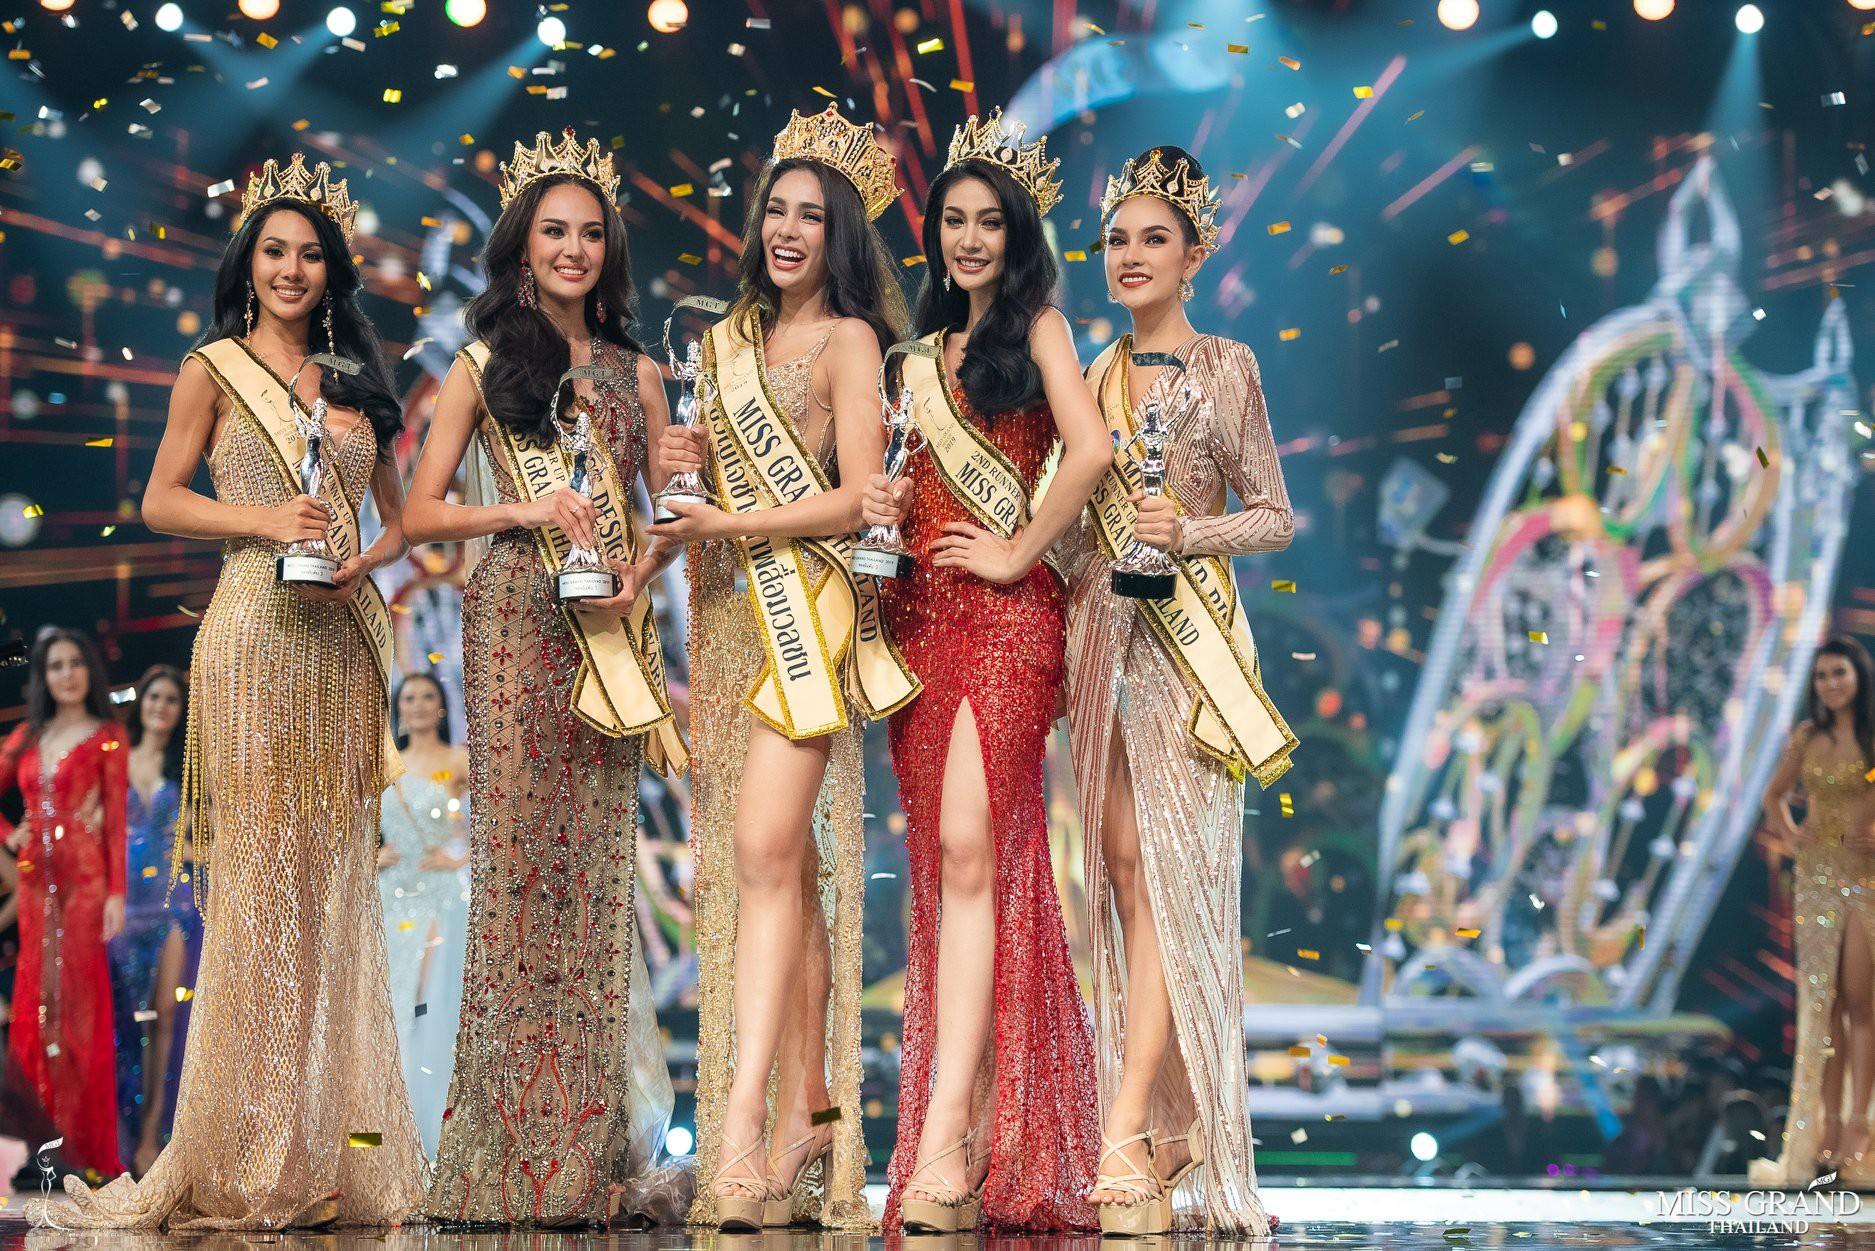 Tân Hoa hậu Hoà bình Thái: Đăng quang trong lạc lõng không được chúc mừng, bị chỉ trích vì từng hạ bệ Miss Universe 2018 - Ảnh 2.